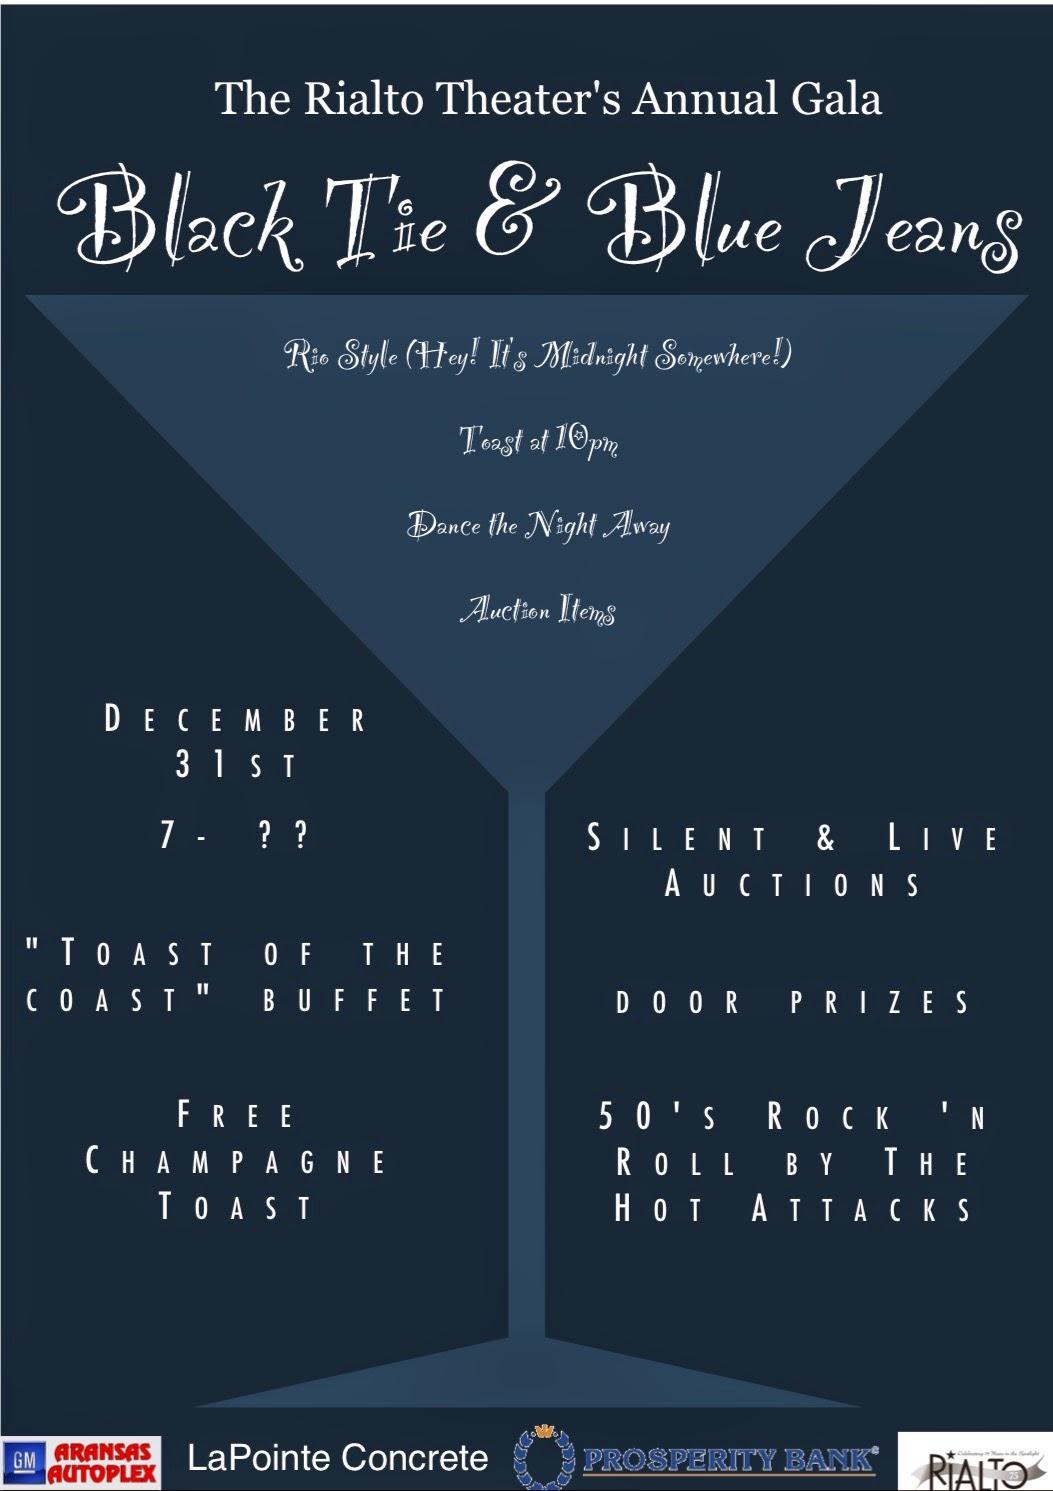 Black Tie & Blue Jeans Benefit